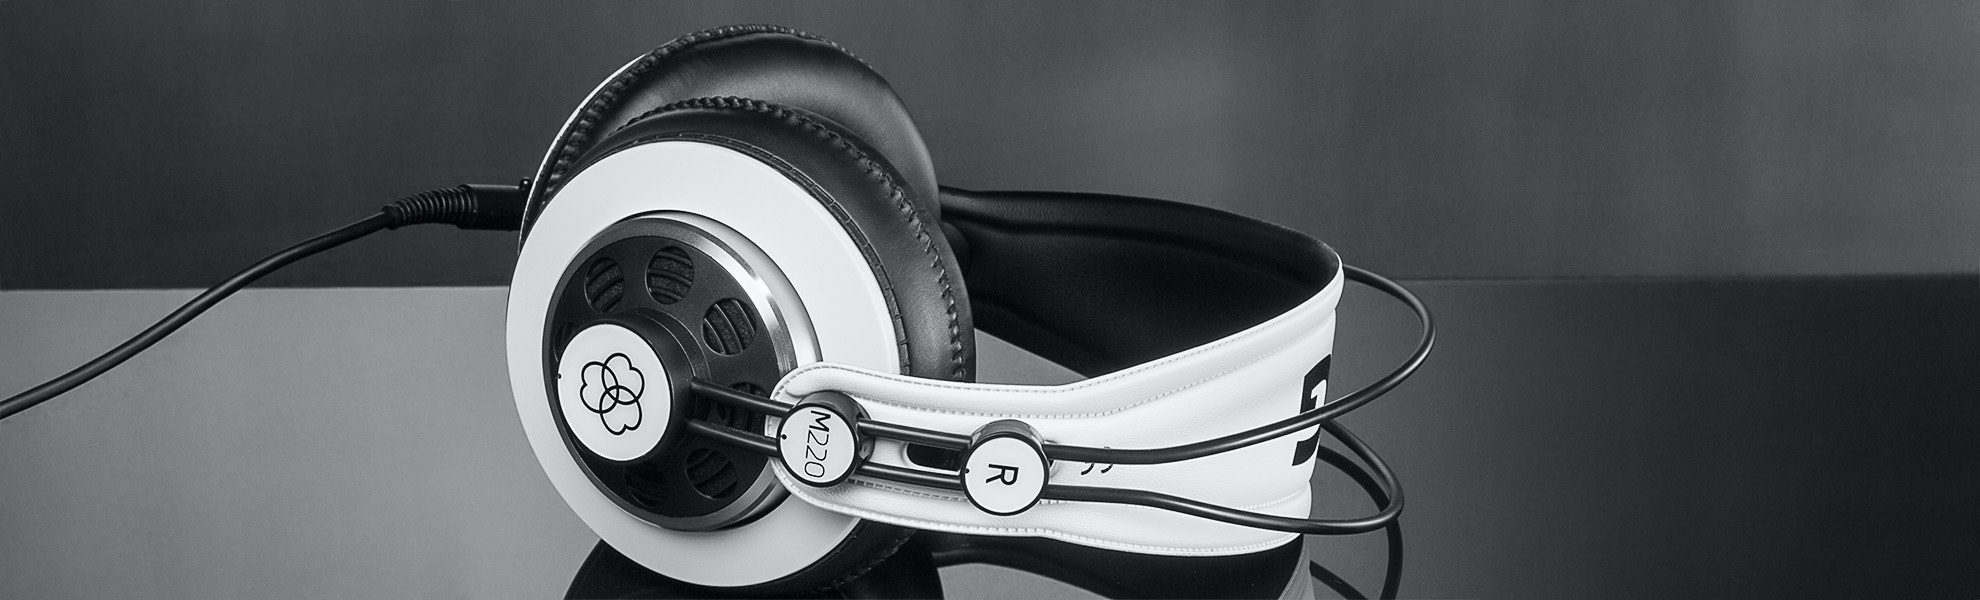 AKG M220 Semi-Open Studio Headphones